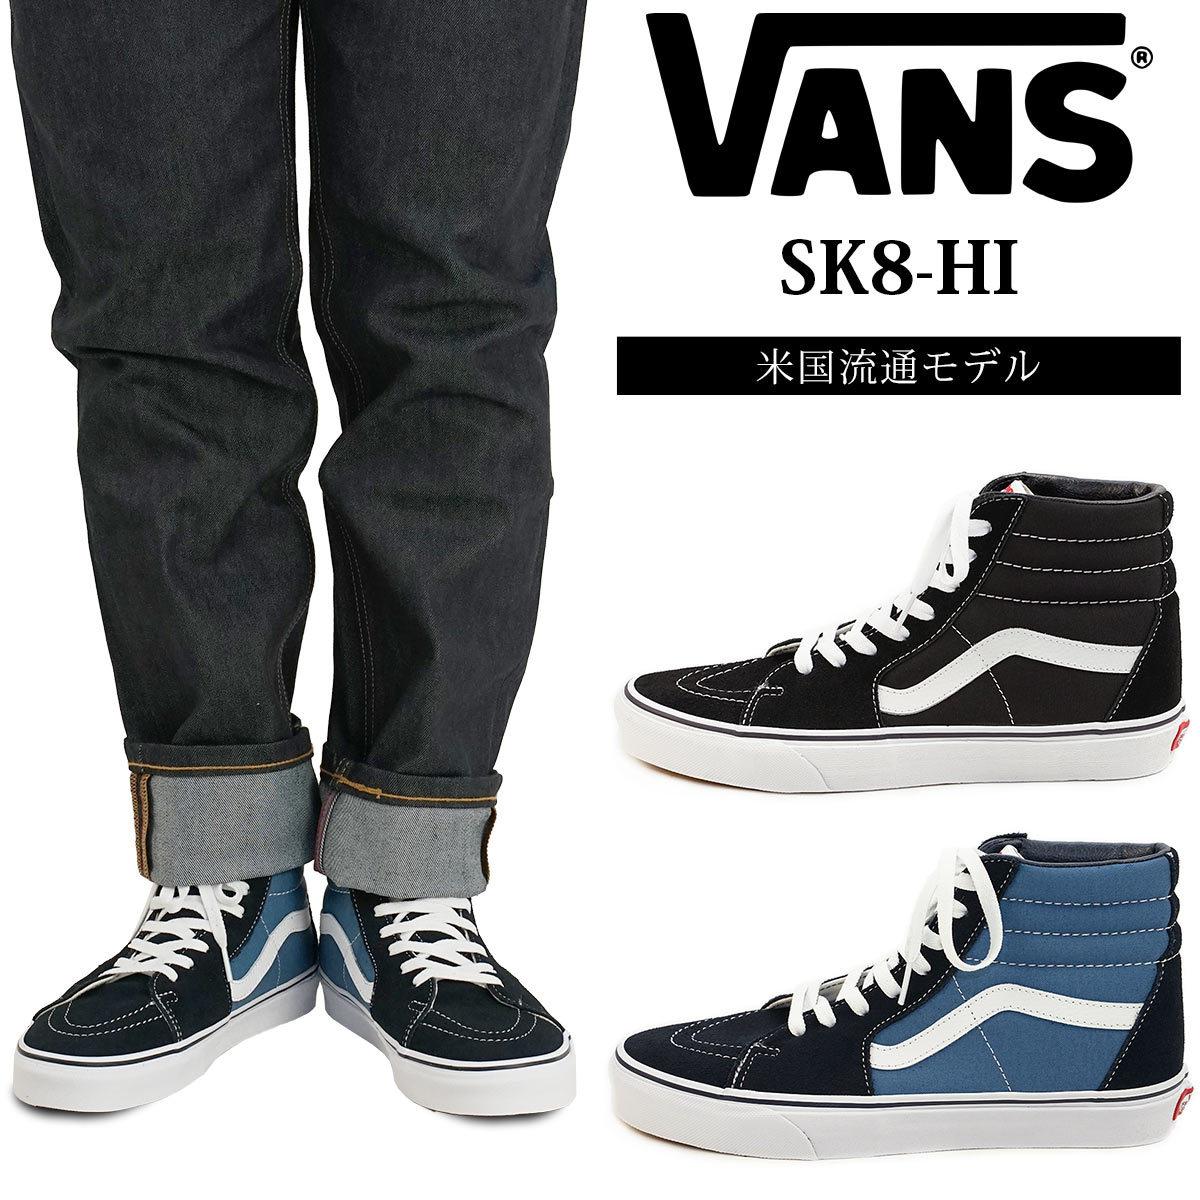 Vans VANS United States standard skating high (station wagons SK8 HI high top)